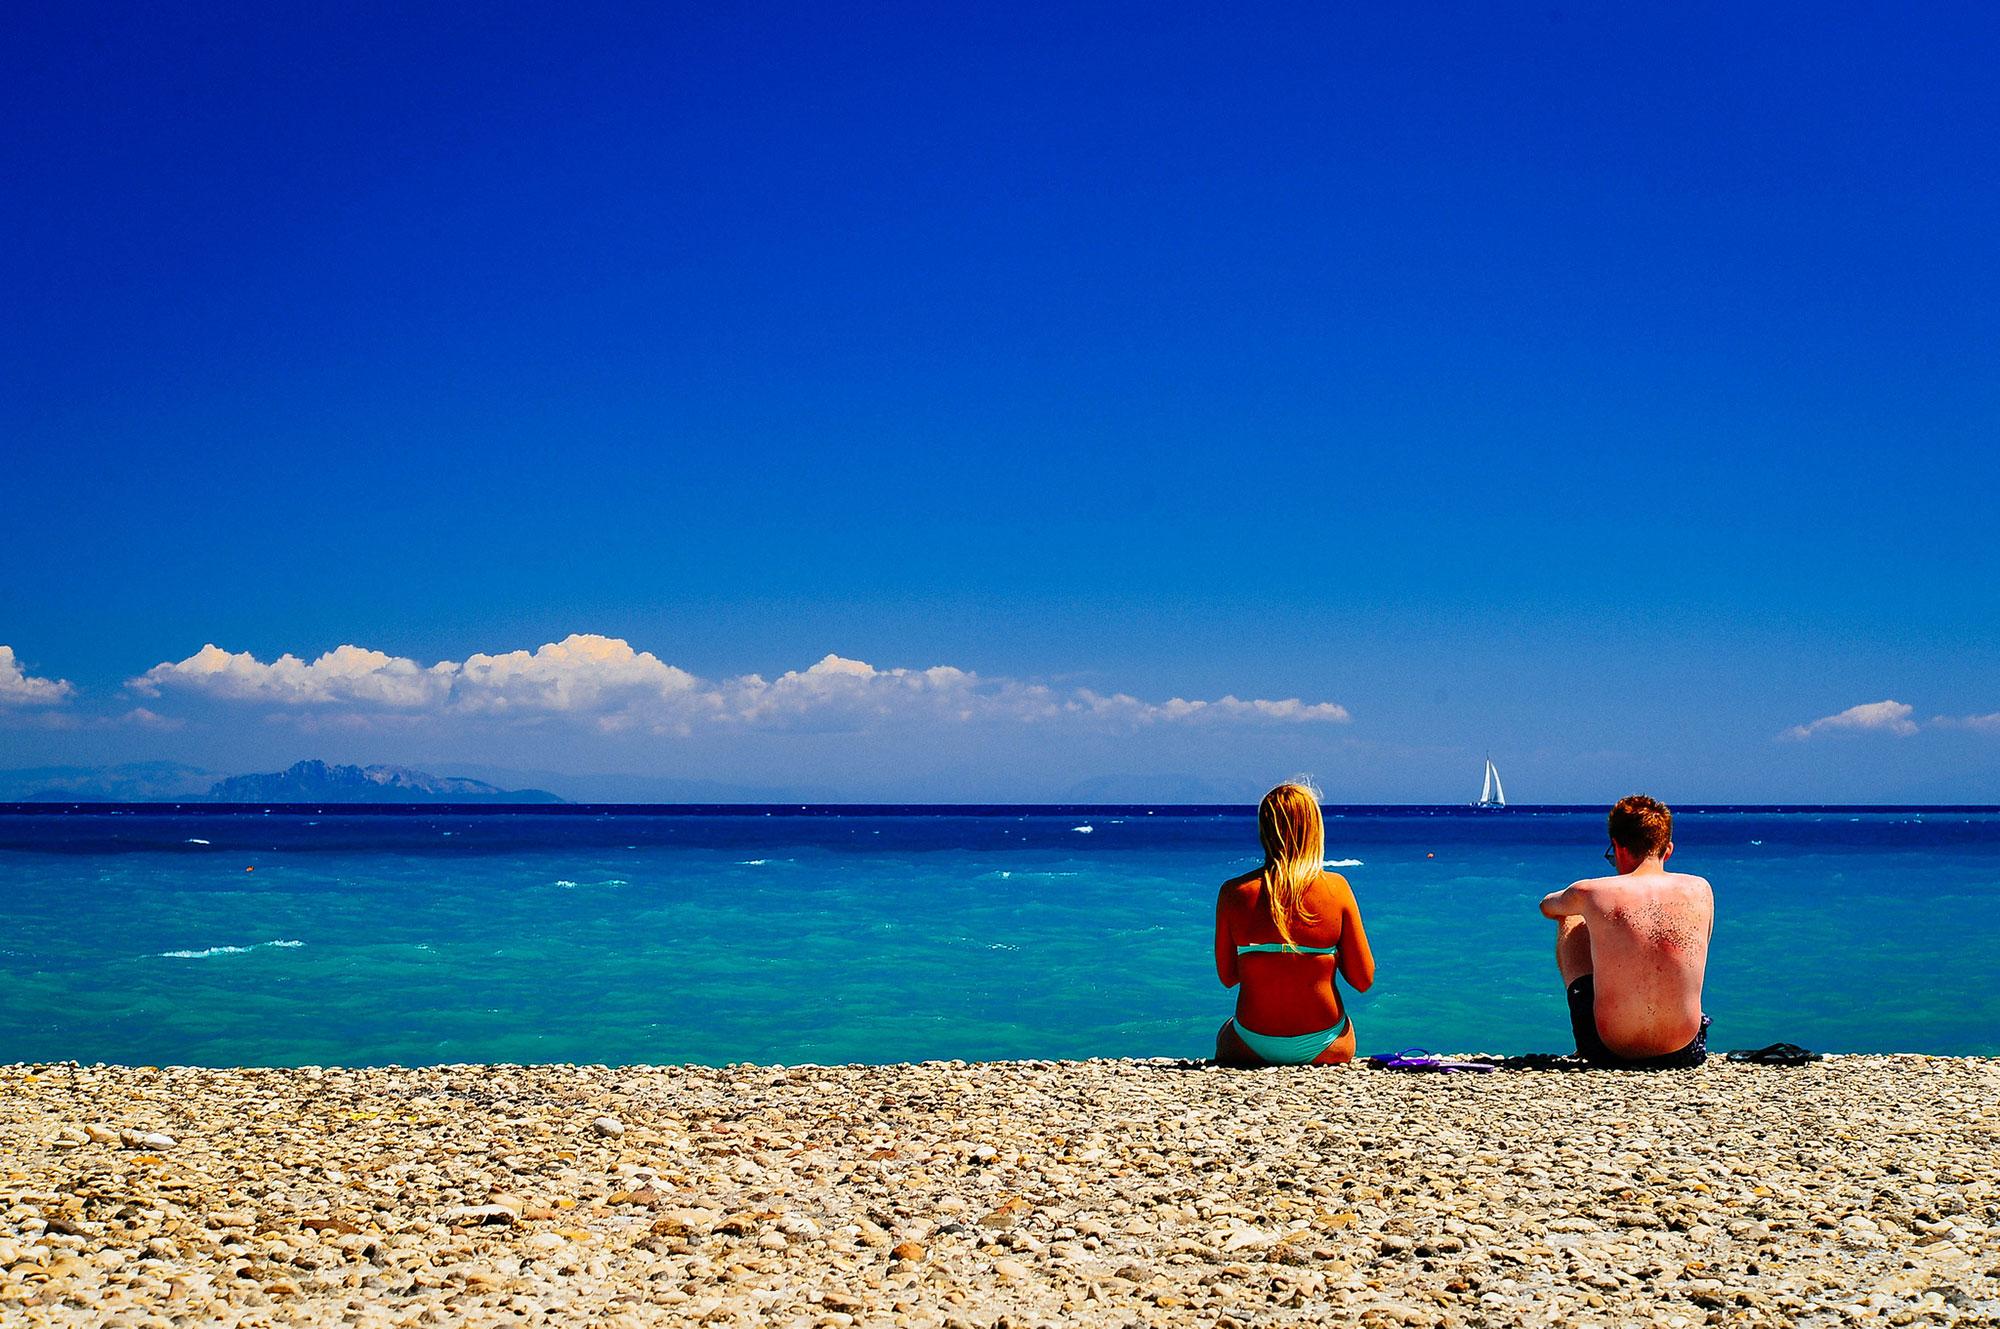 Casal de turistas em praia da Grécia